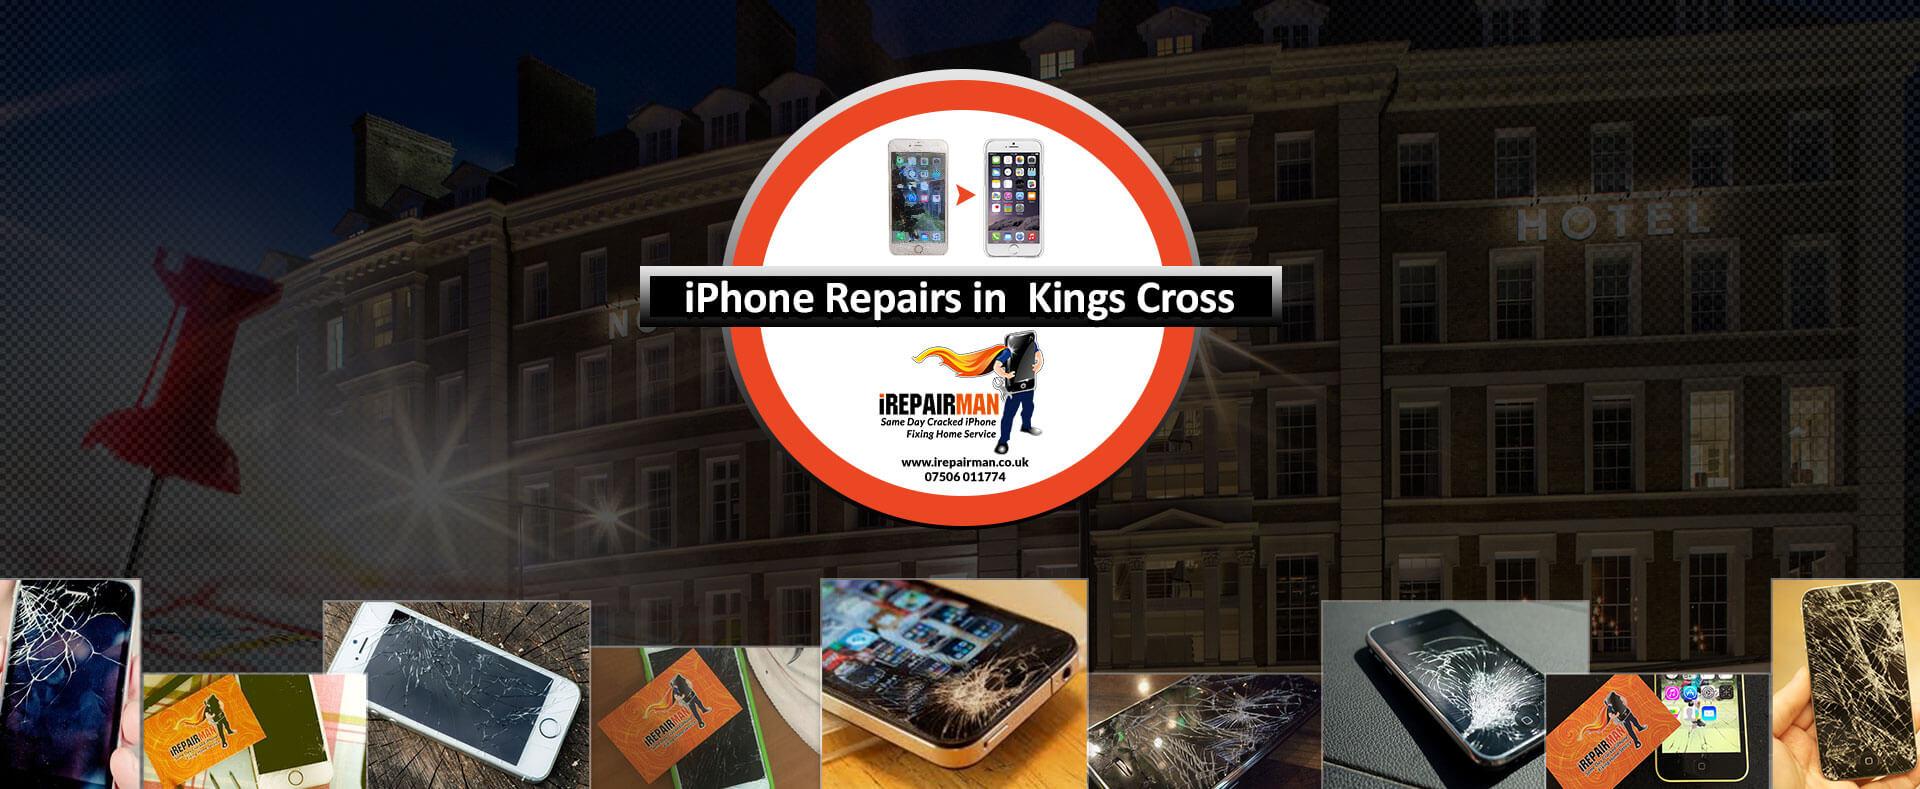 iphone-repairs-in-kings-cross